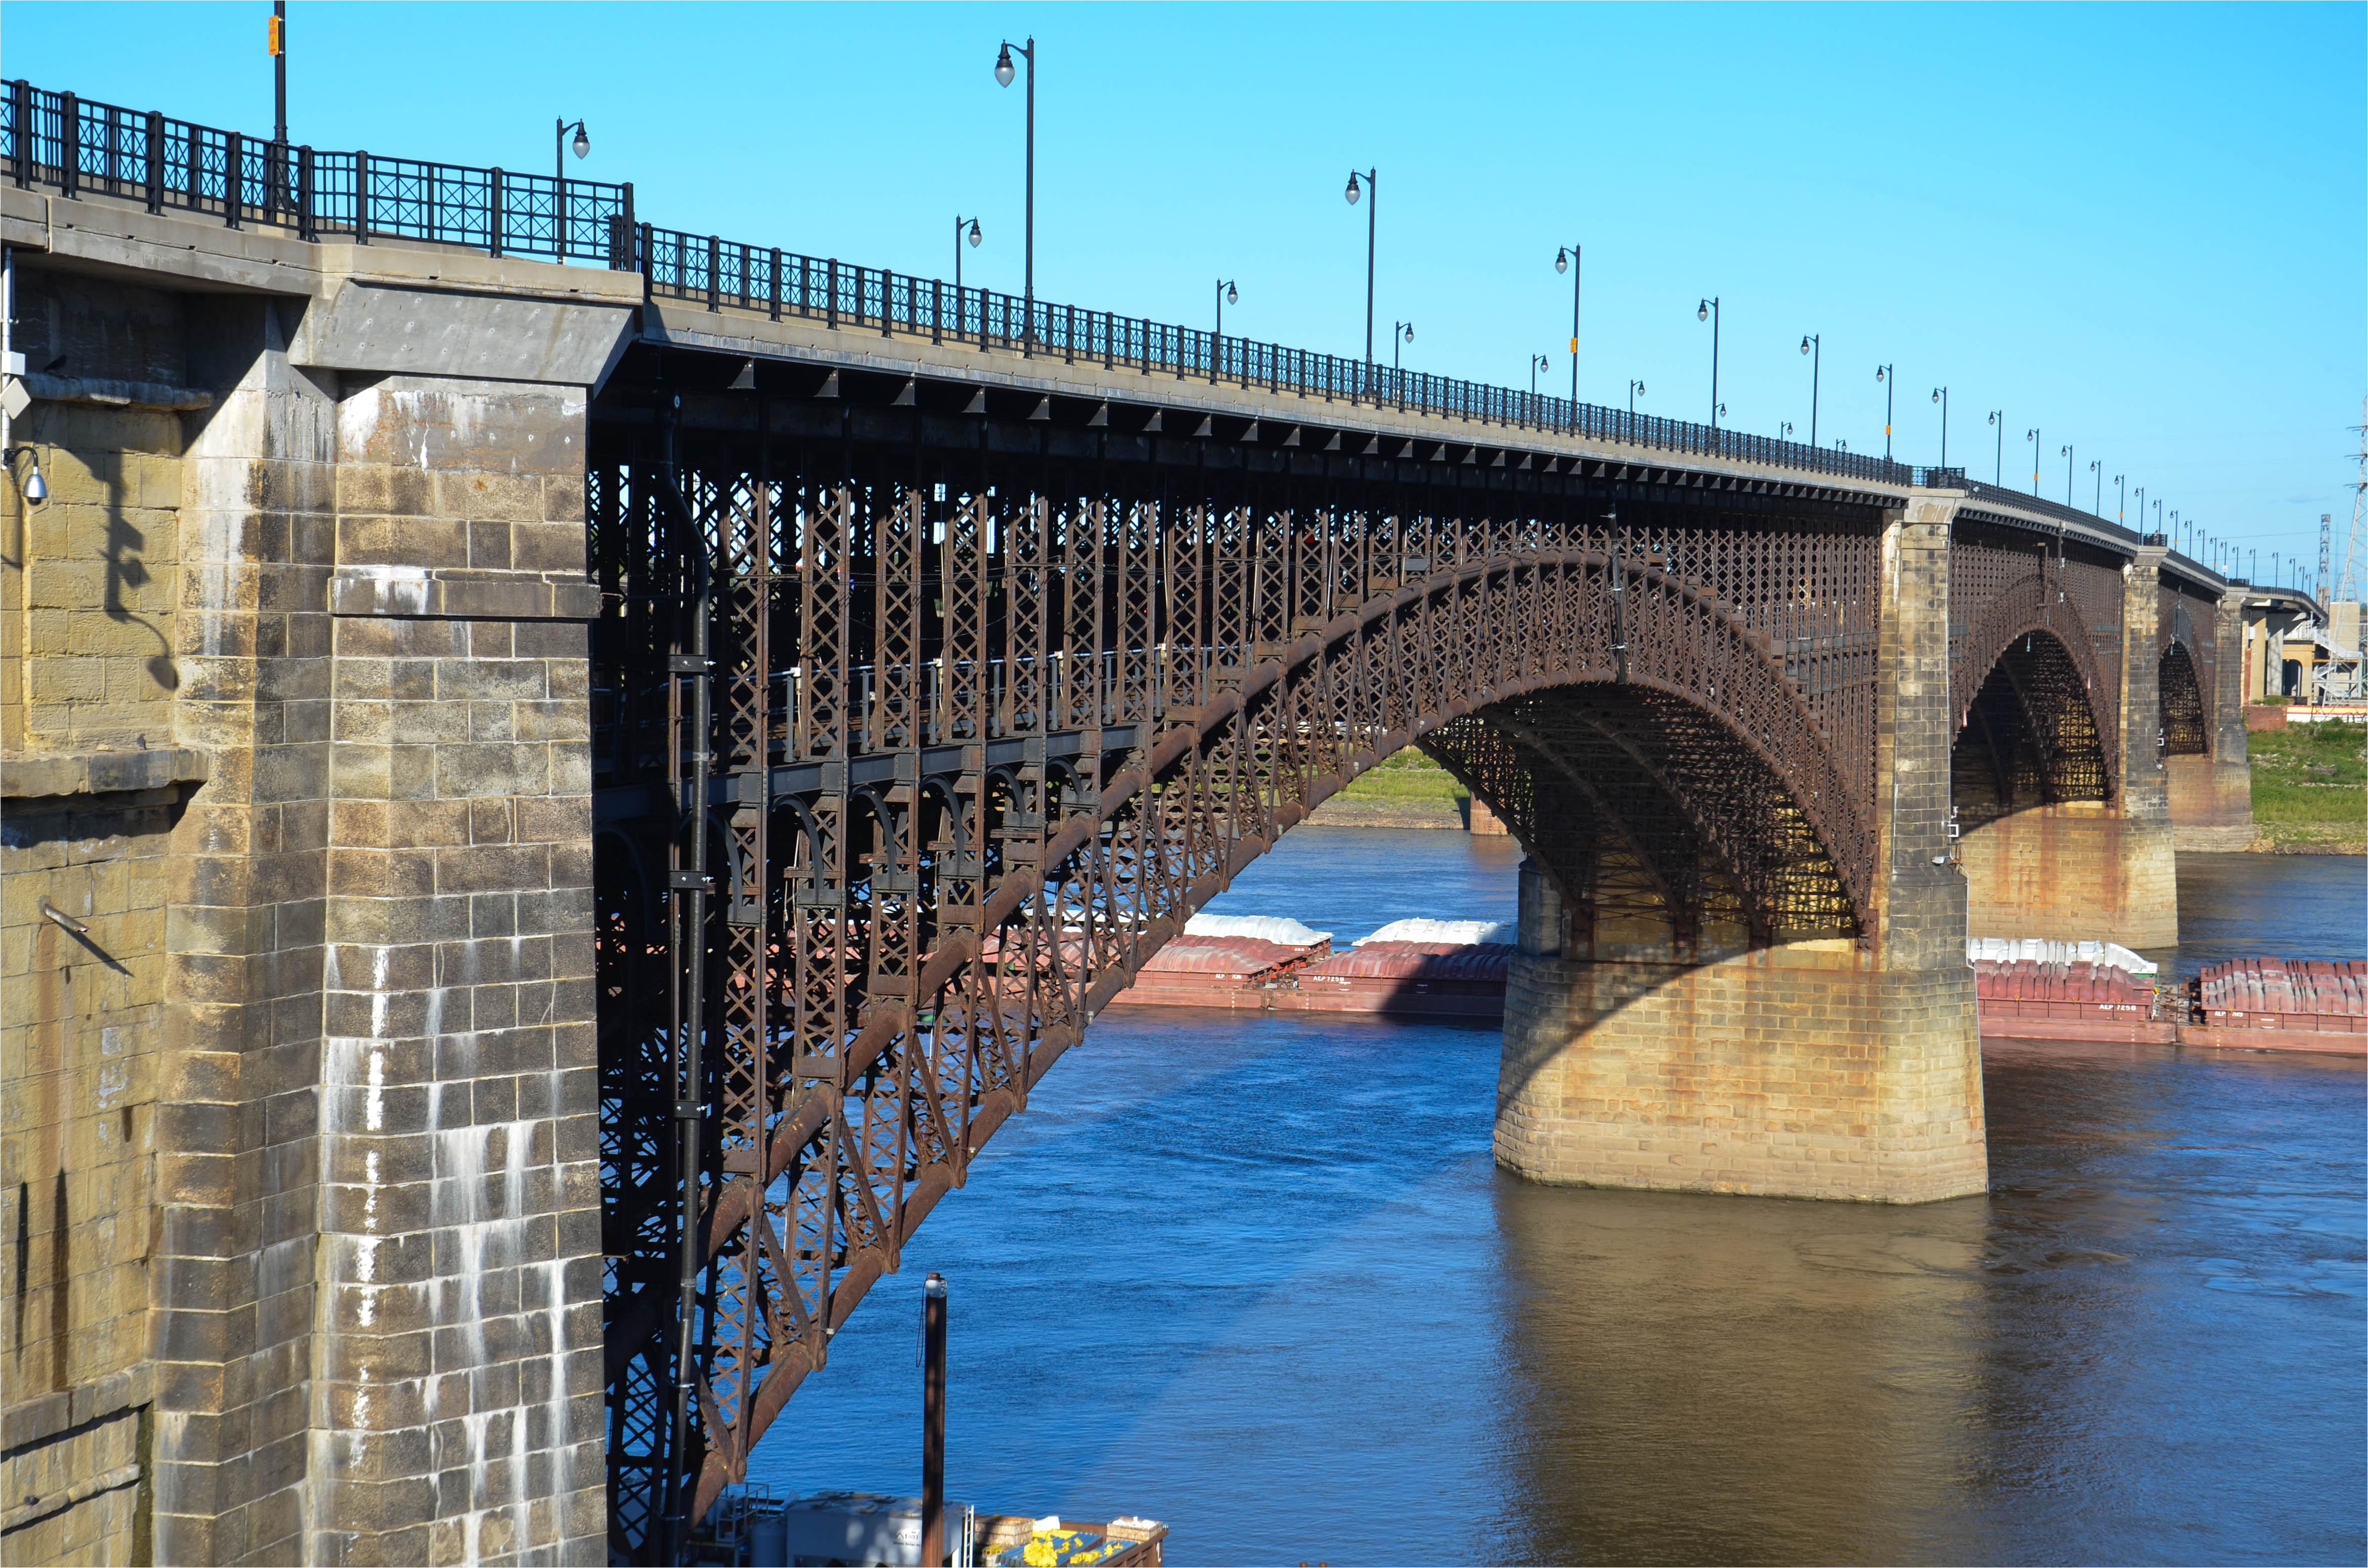 eads bridge from laclede 27s landing 2c sep 2012 jpg